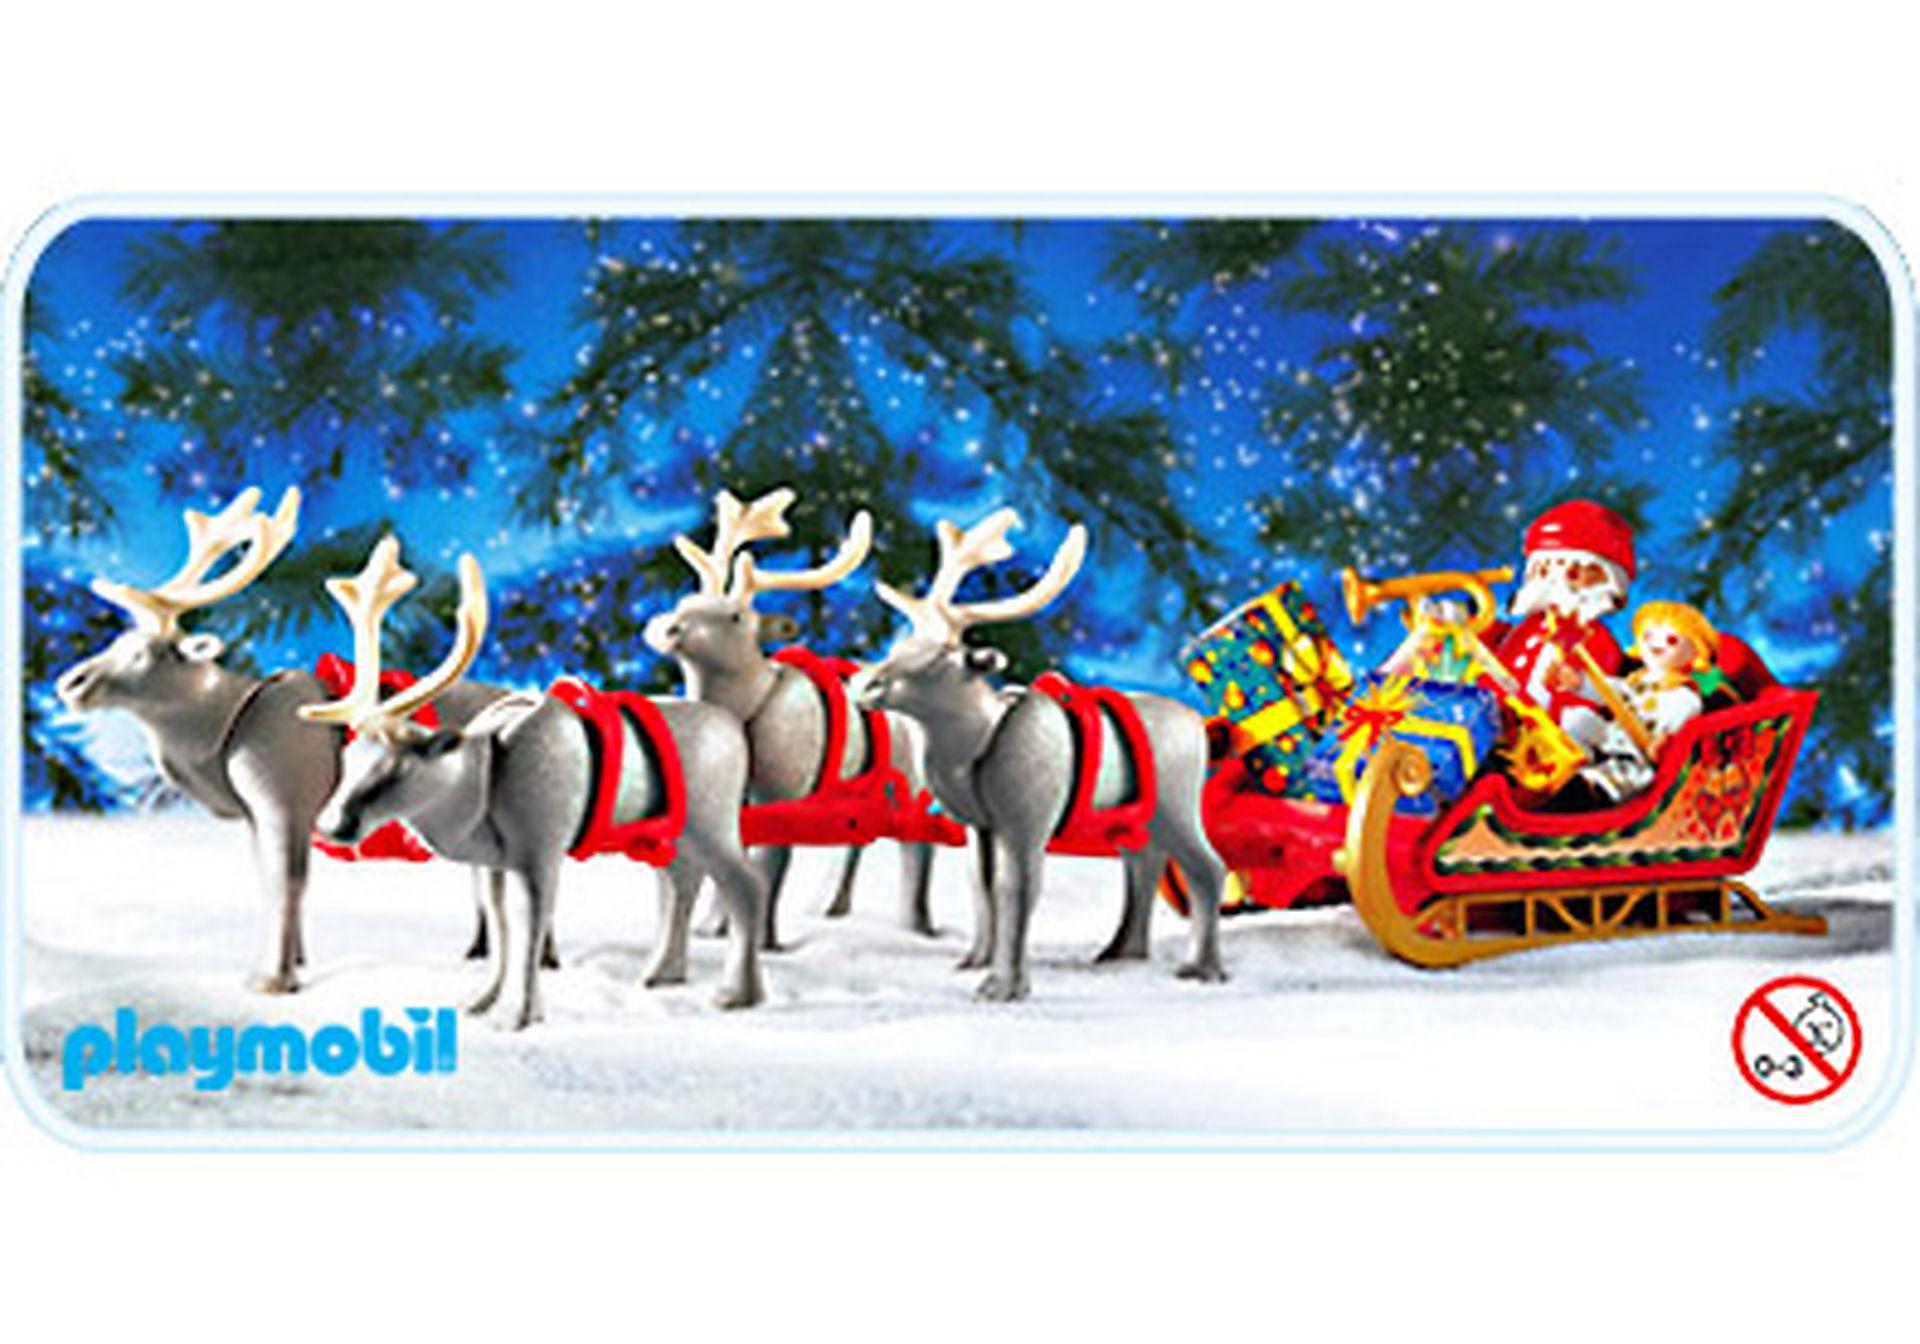 3604-A Rentierschlitten/Santa Claus zoom image1